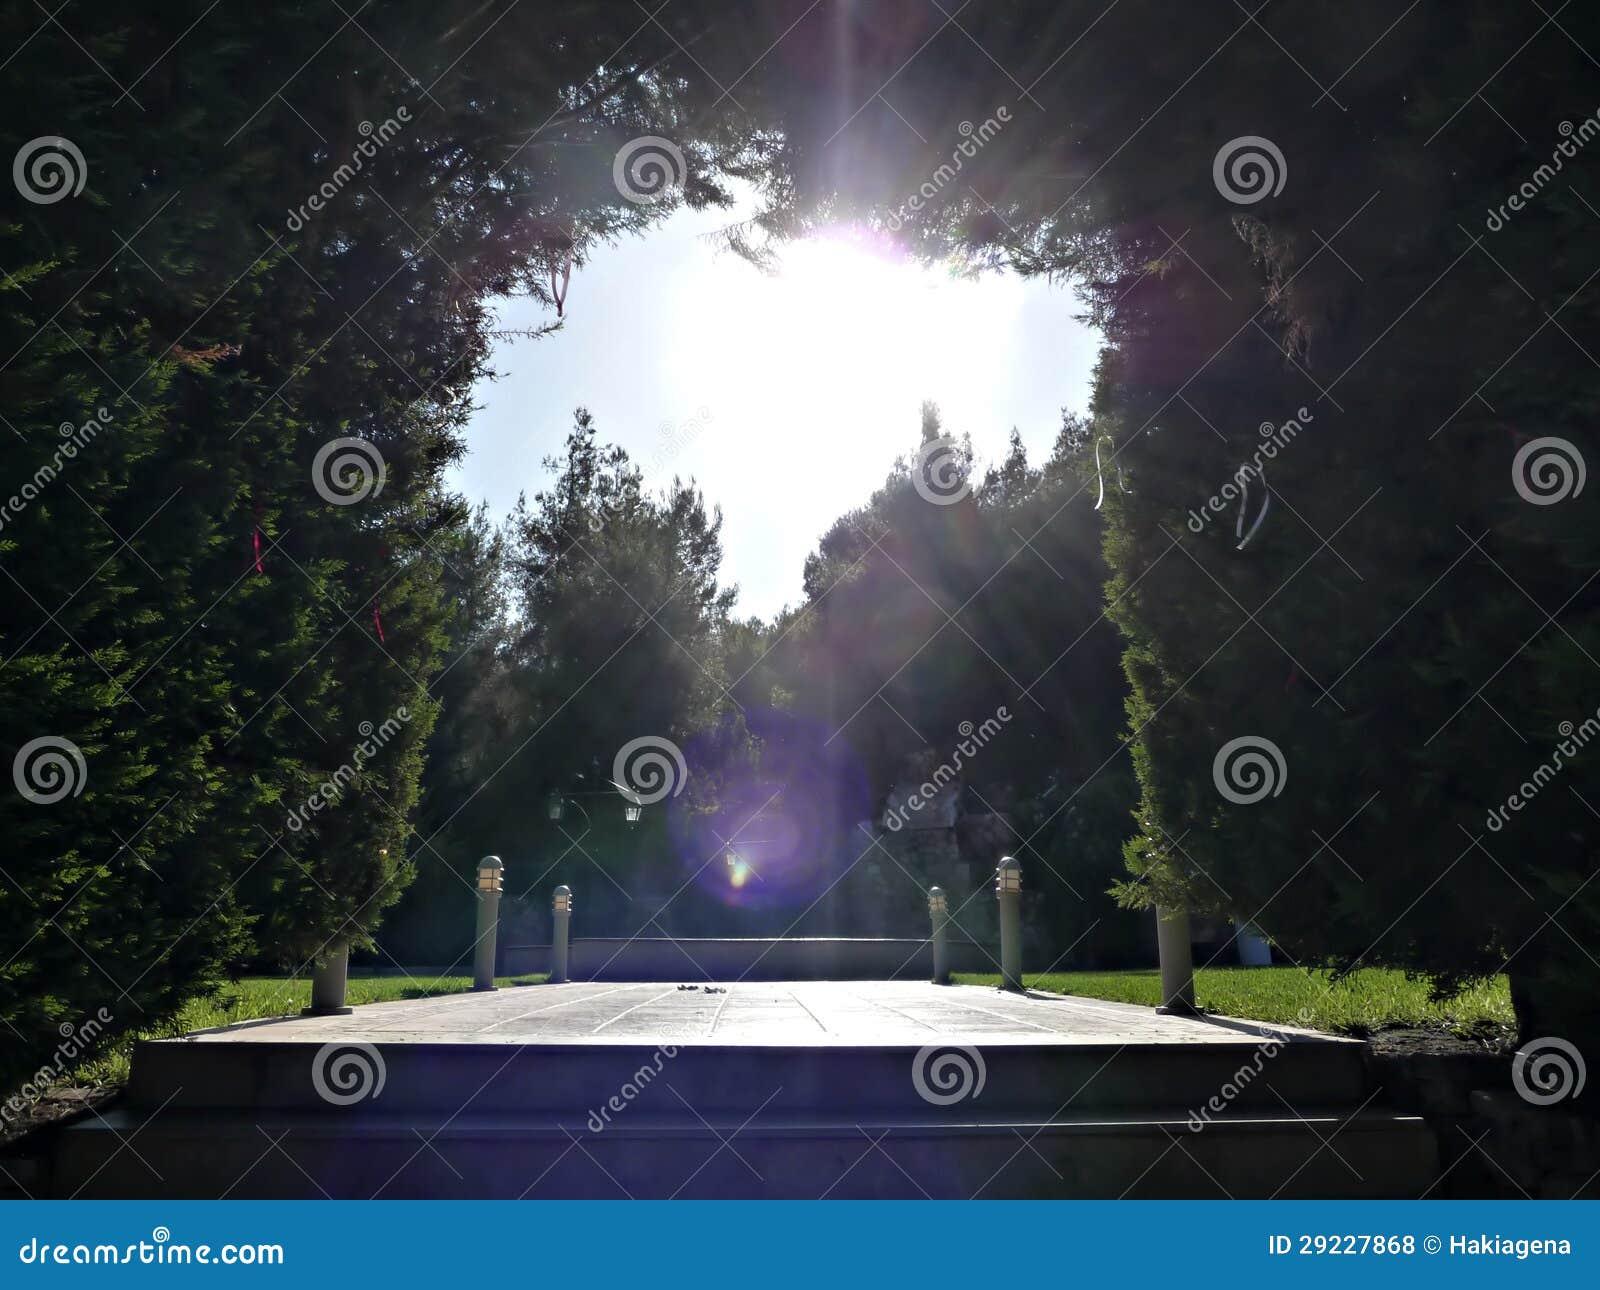 Download Alargamento do verão foto de stock. Imagem de lush, naughty - 29227868